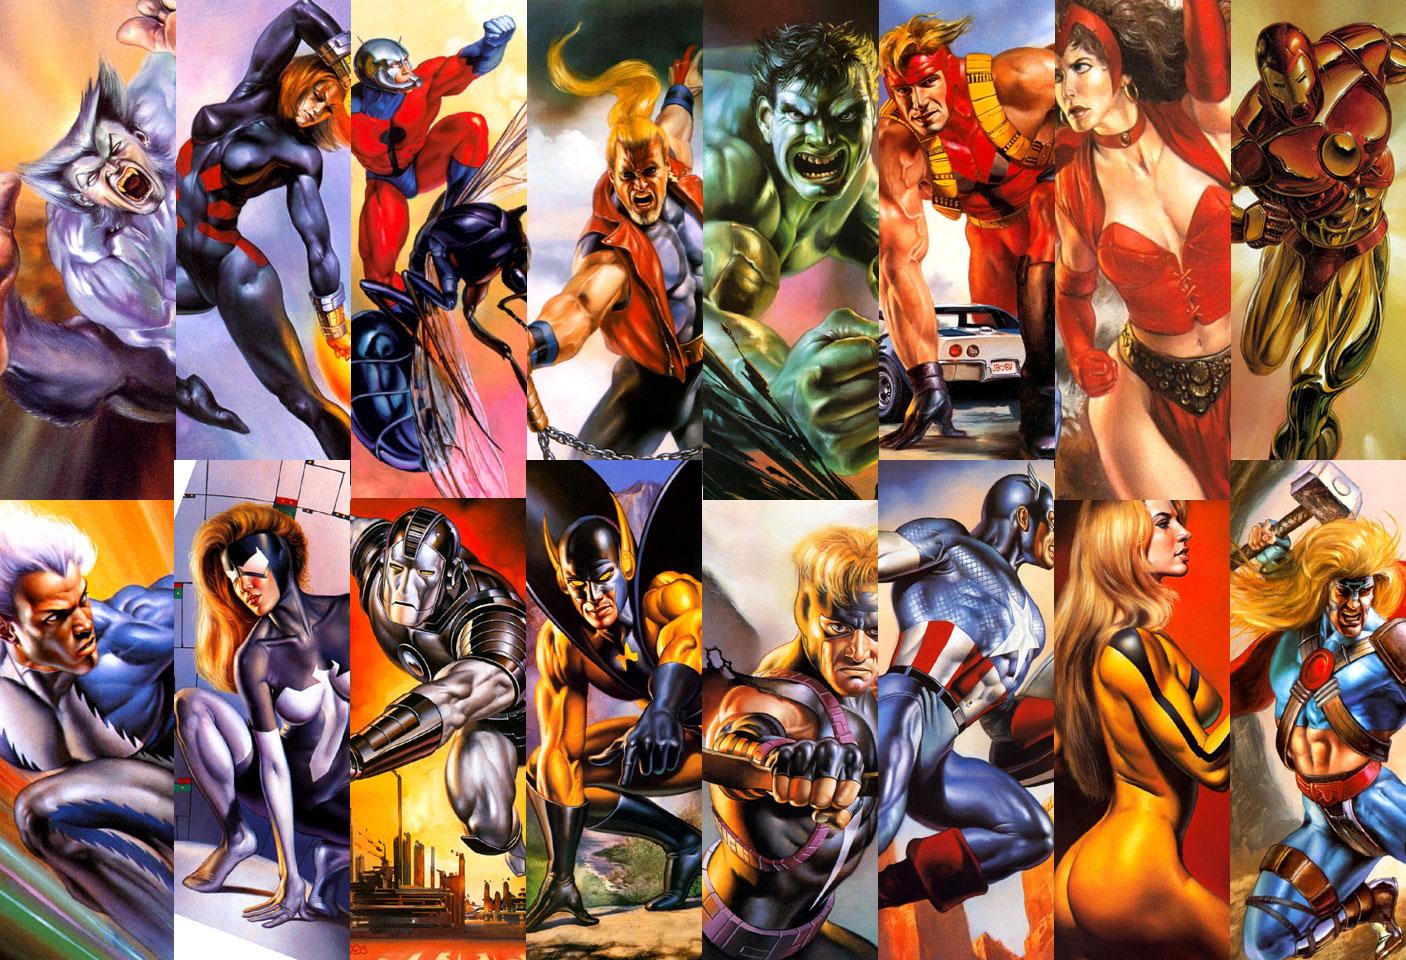 DC Marvel Superheroes Wallpaper - WallpaperSafari